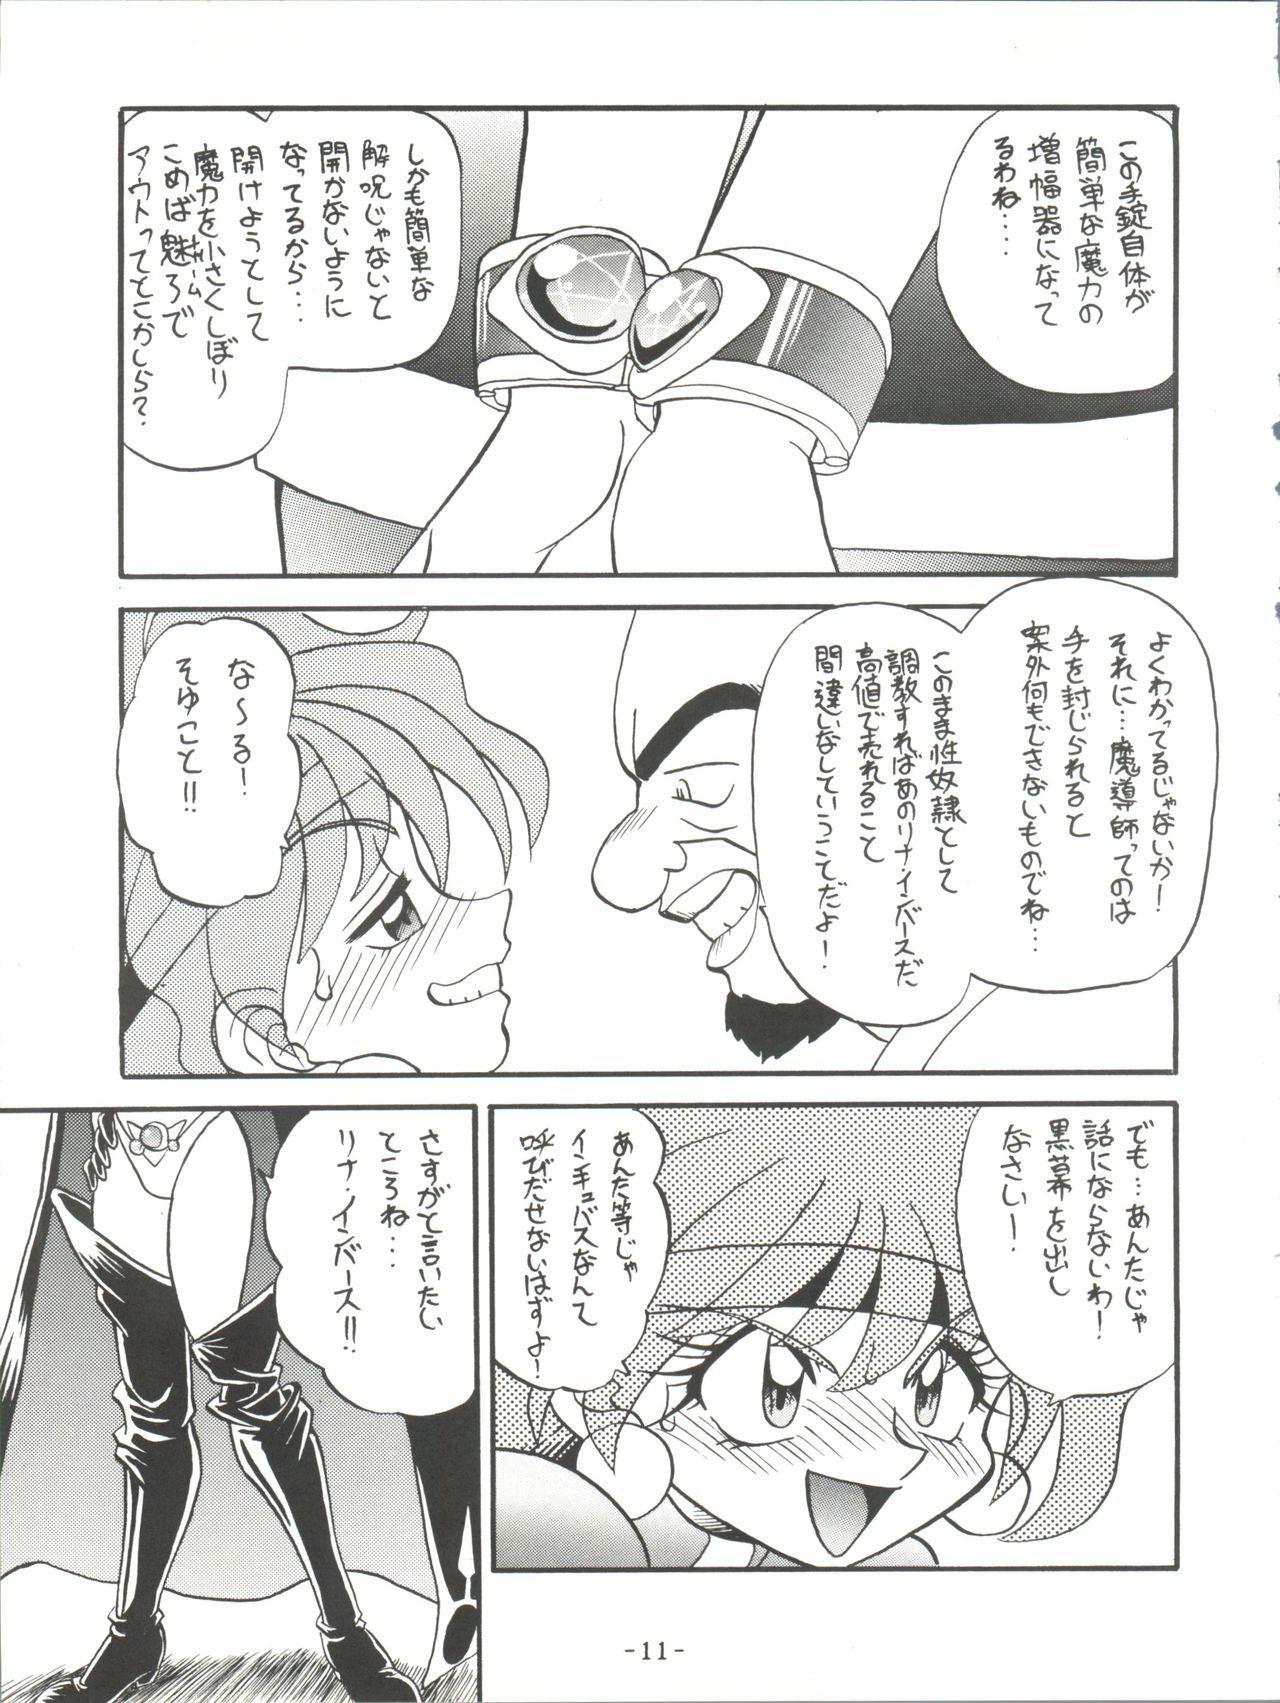 BTB-19.3 Kyou no Ohiru wa Naani 12